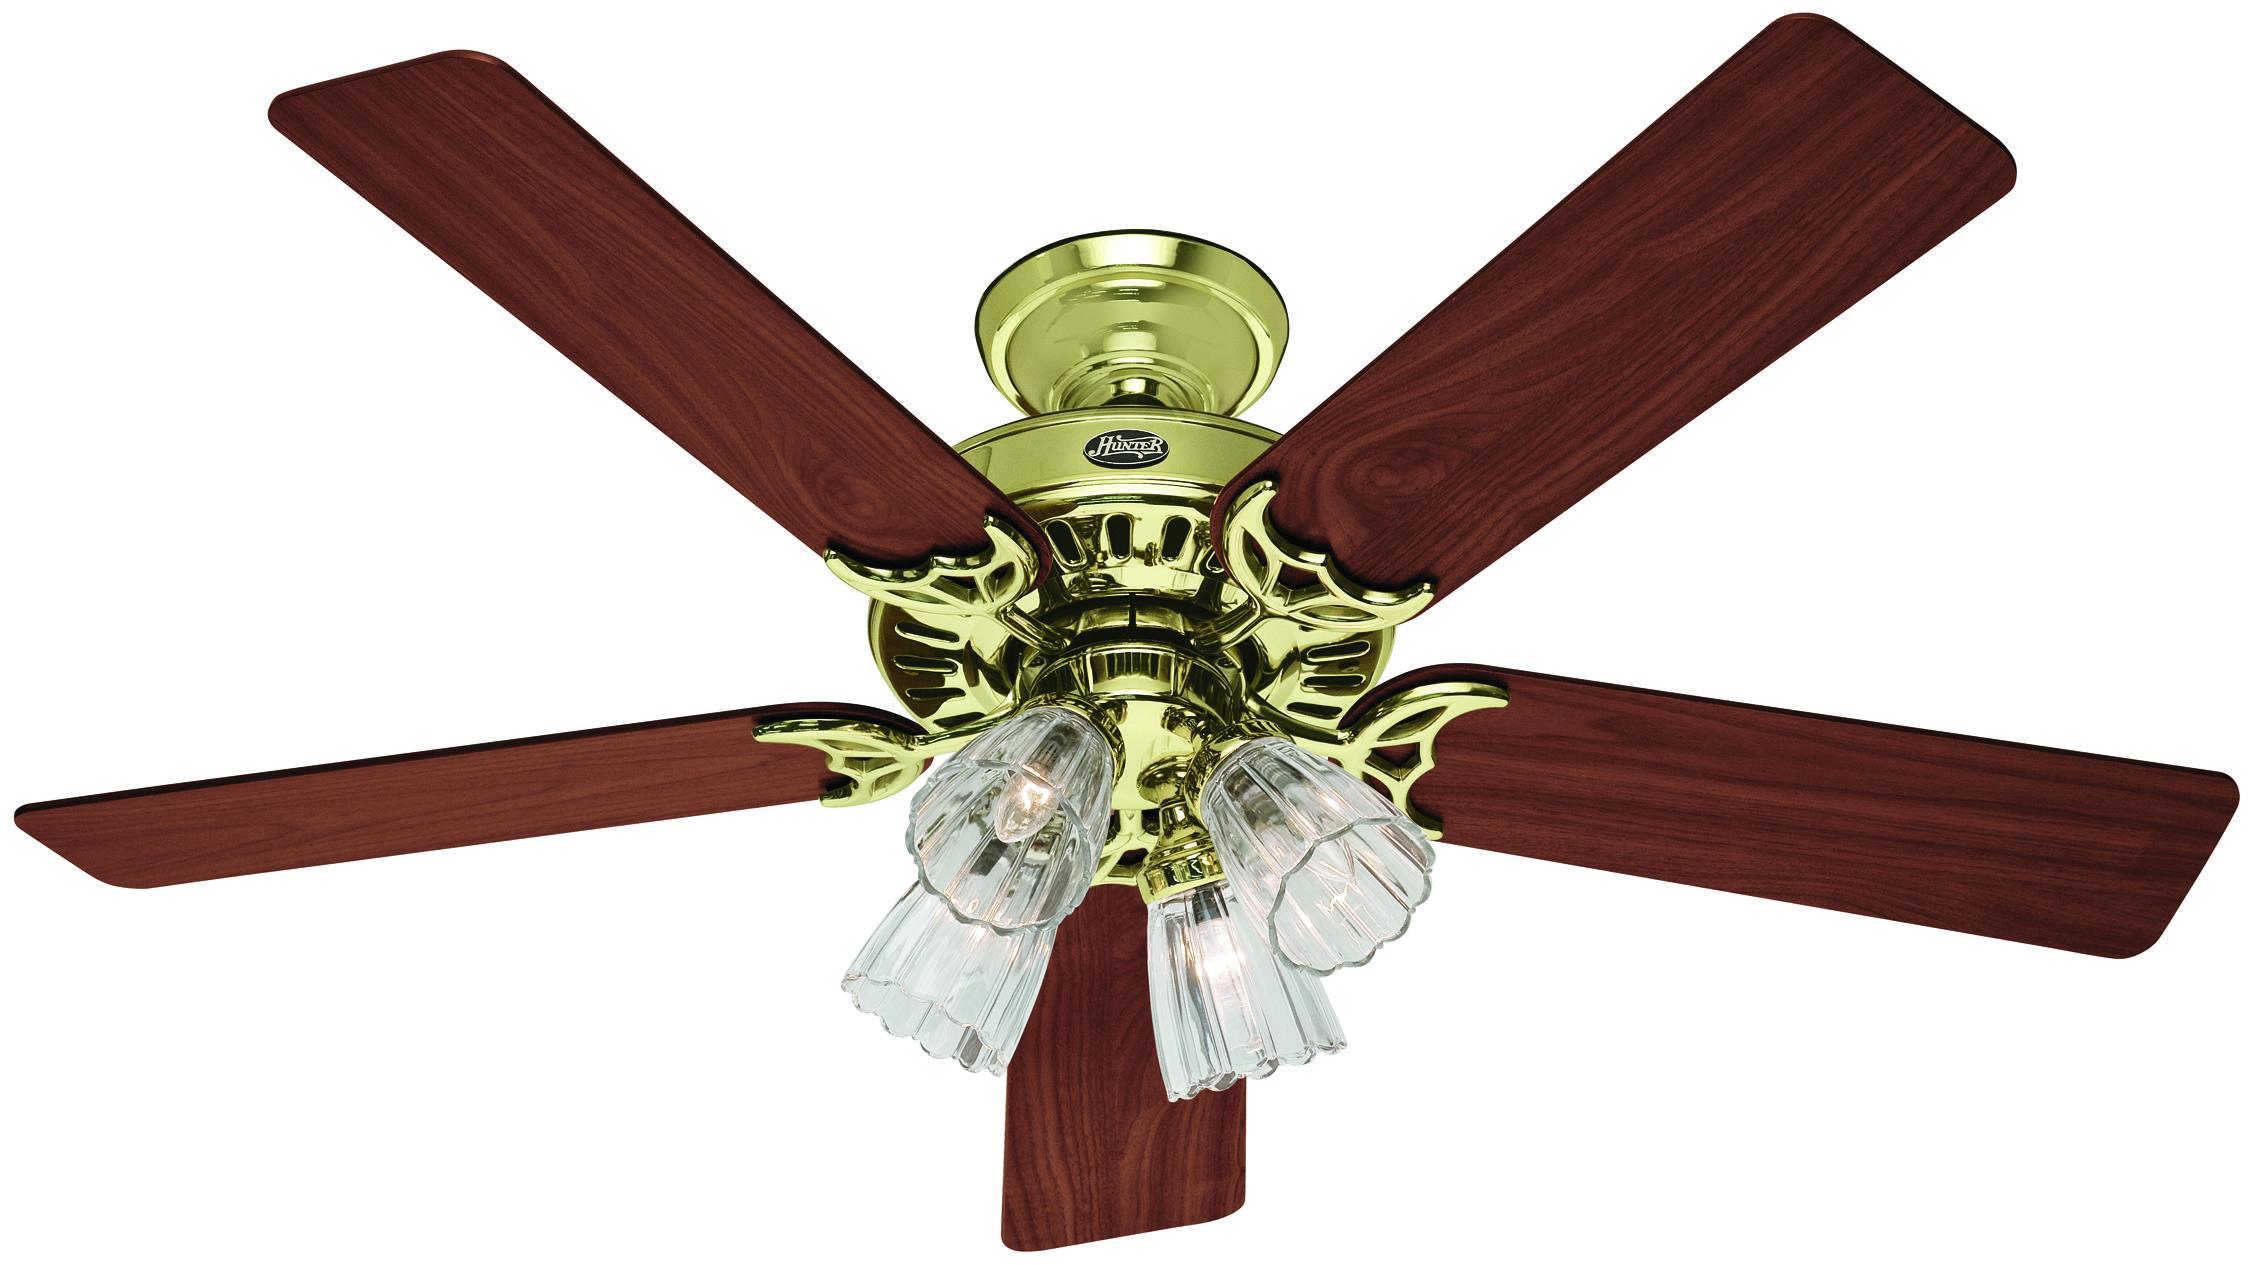 Studio hunter bright brass ceiling fan for Hunter prestige fans